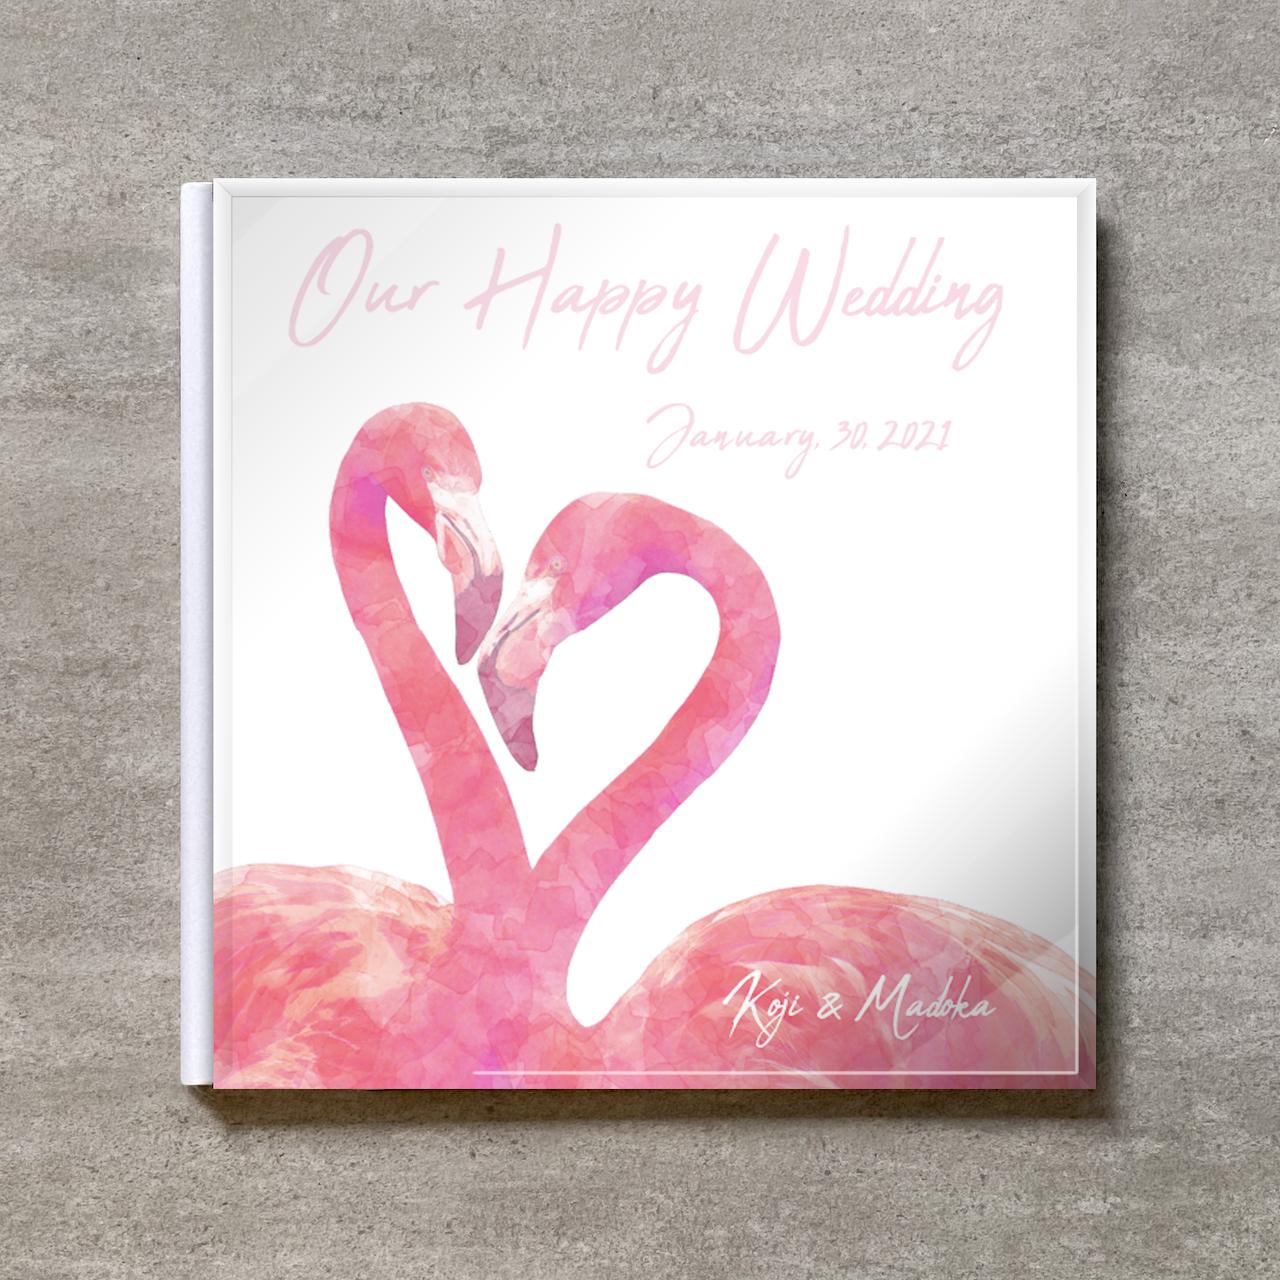 White Flamingo_A3スクエア_30ページ/60カット_スリムフラット(アクリルカバー)